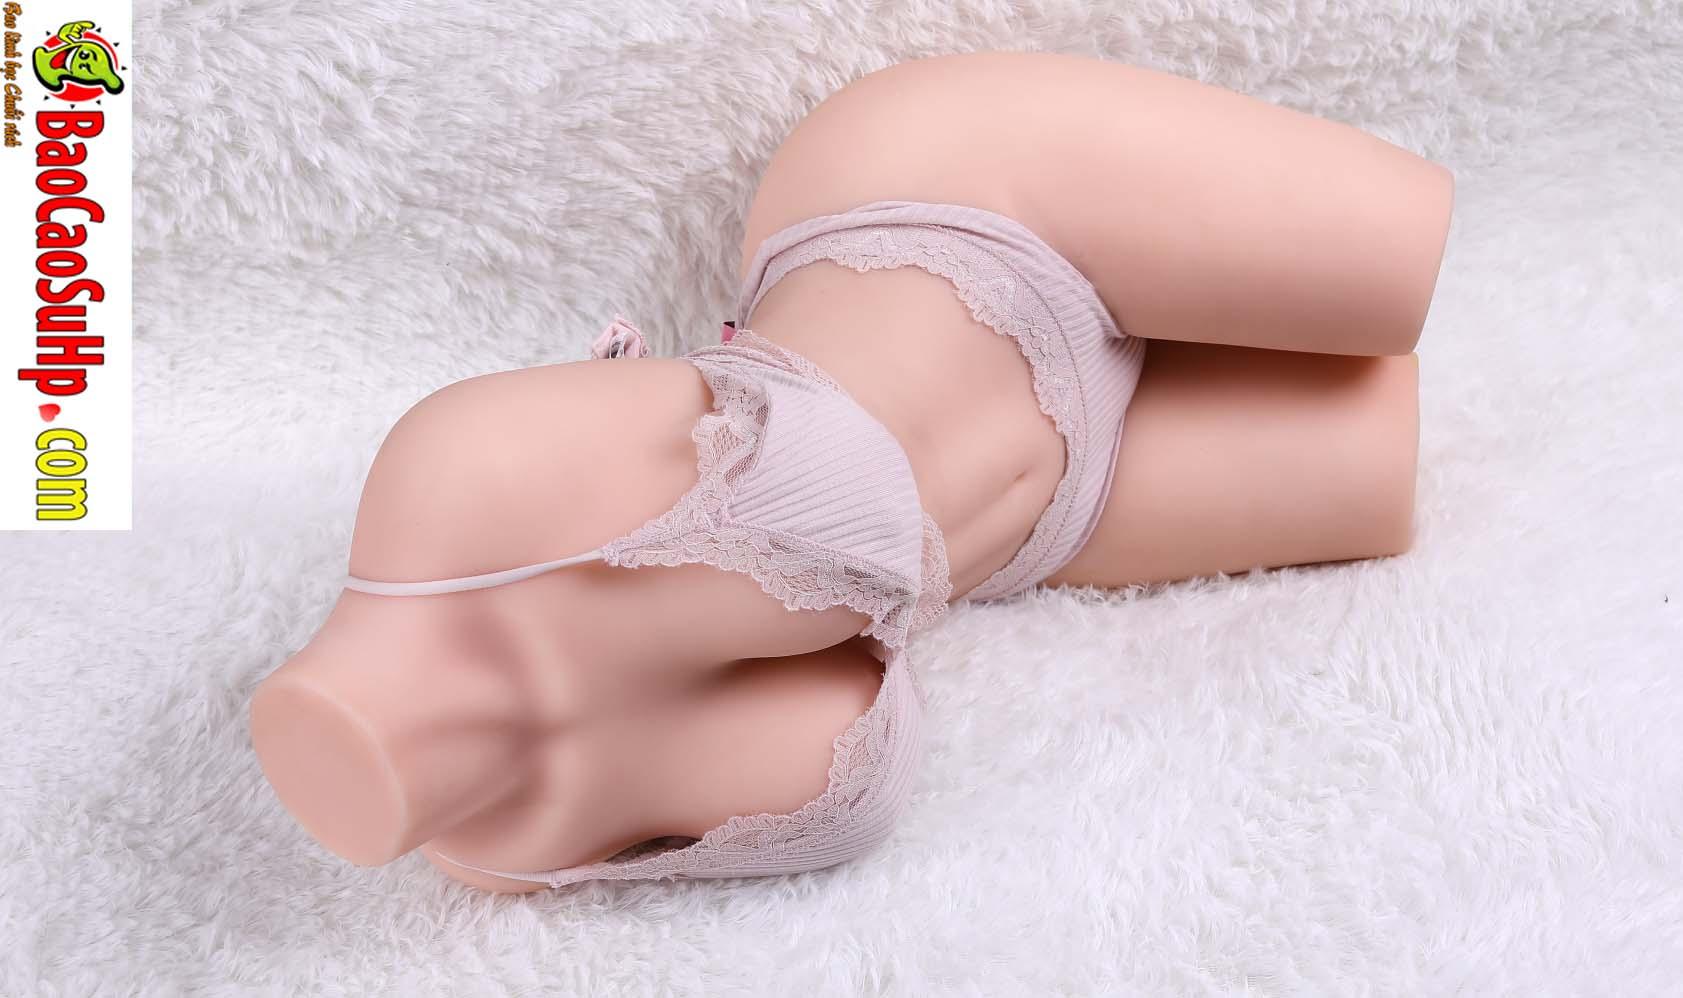 bup be tinh duc ban than Mizzzee ZZ05 5 - Búp bê tình yêu bán thân Mizzzee ZZ05 Nhật Bản khép mở hai chân